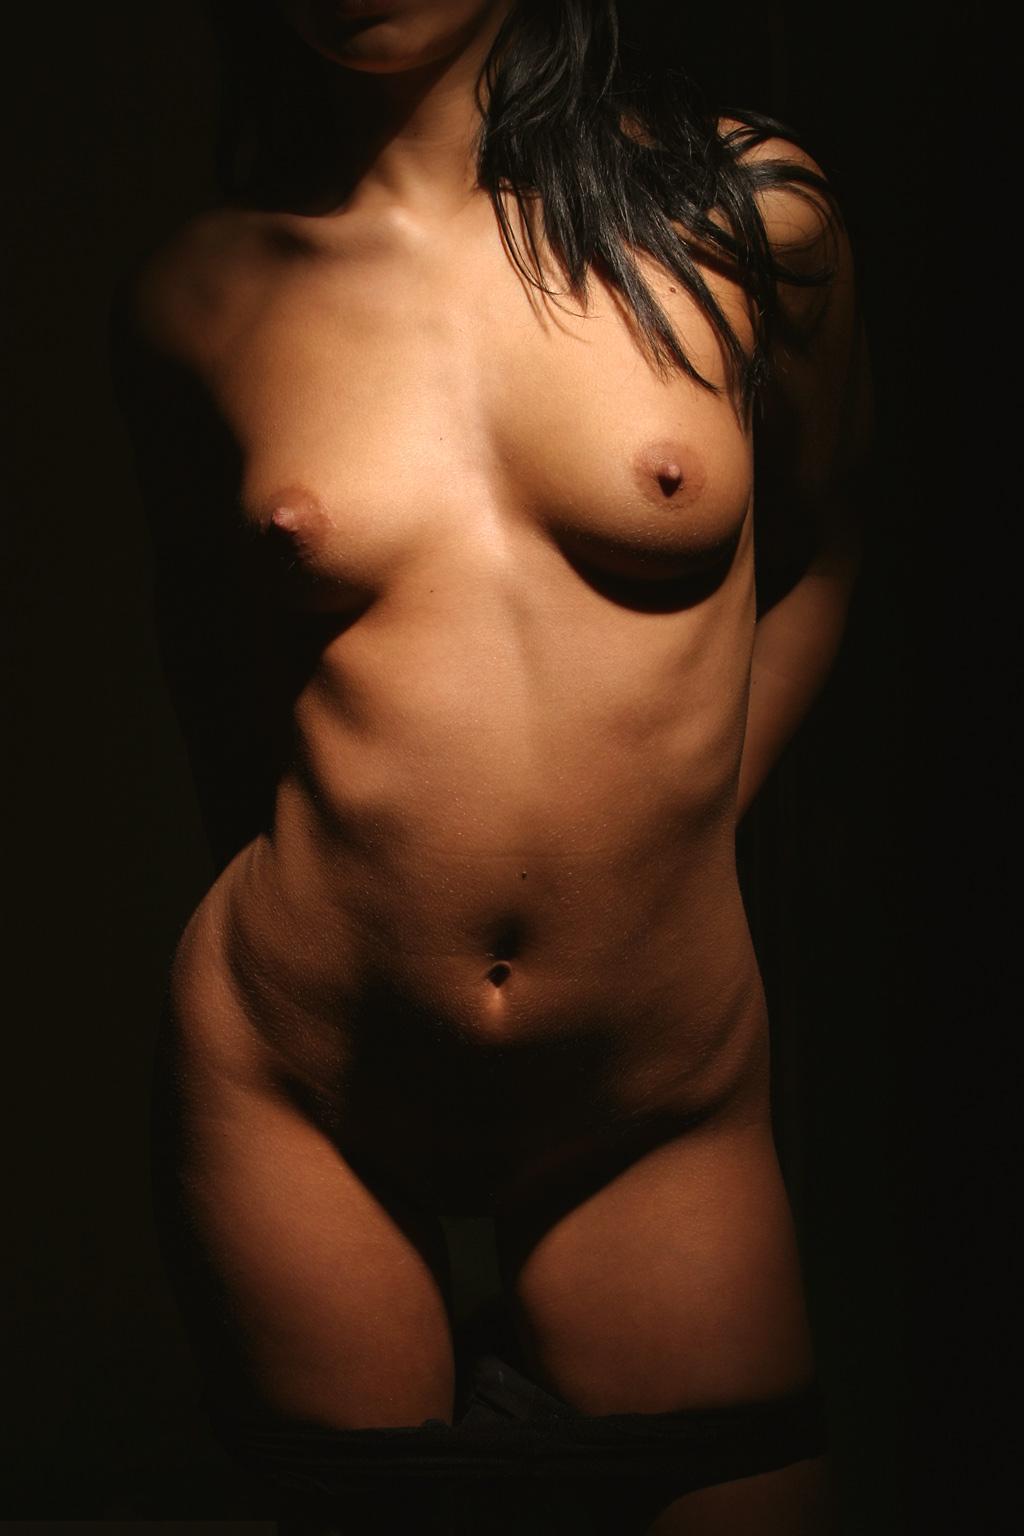 Черная пантера темной ночью. 15 секс фото Сексуальные девушки